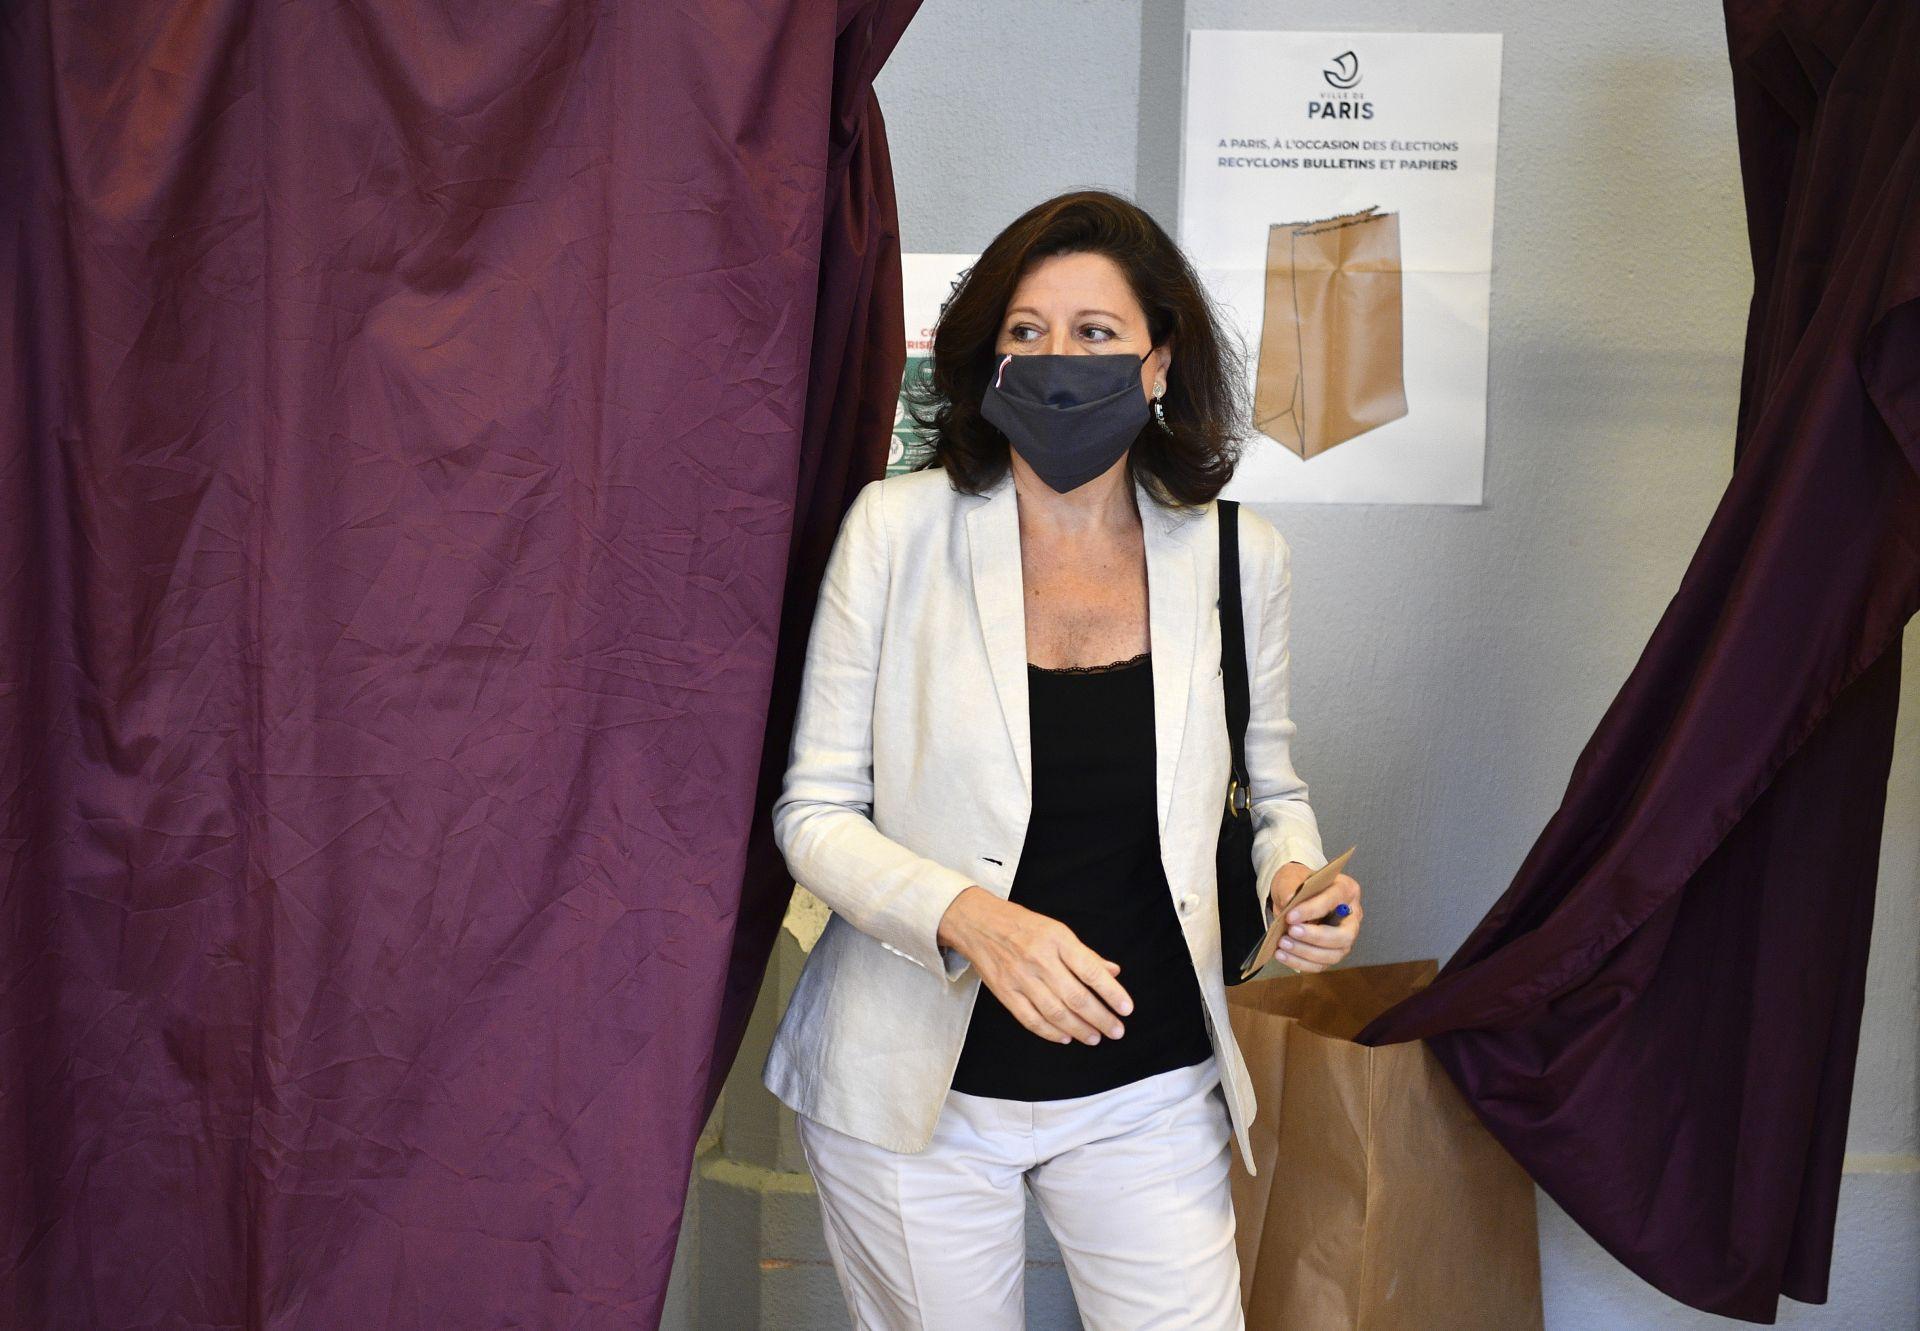 Кандидатката на презинетската партия Анес Бюзен